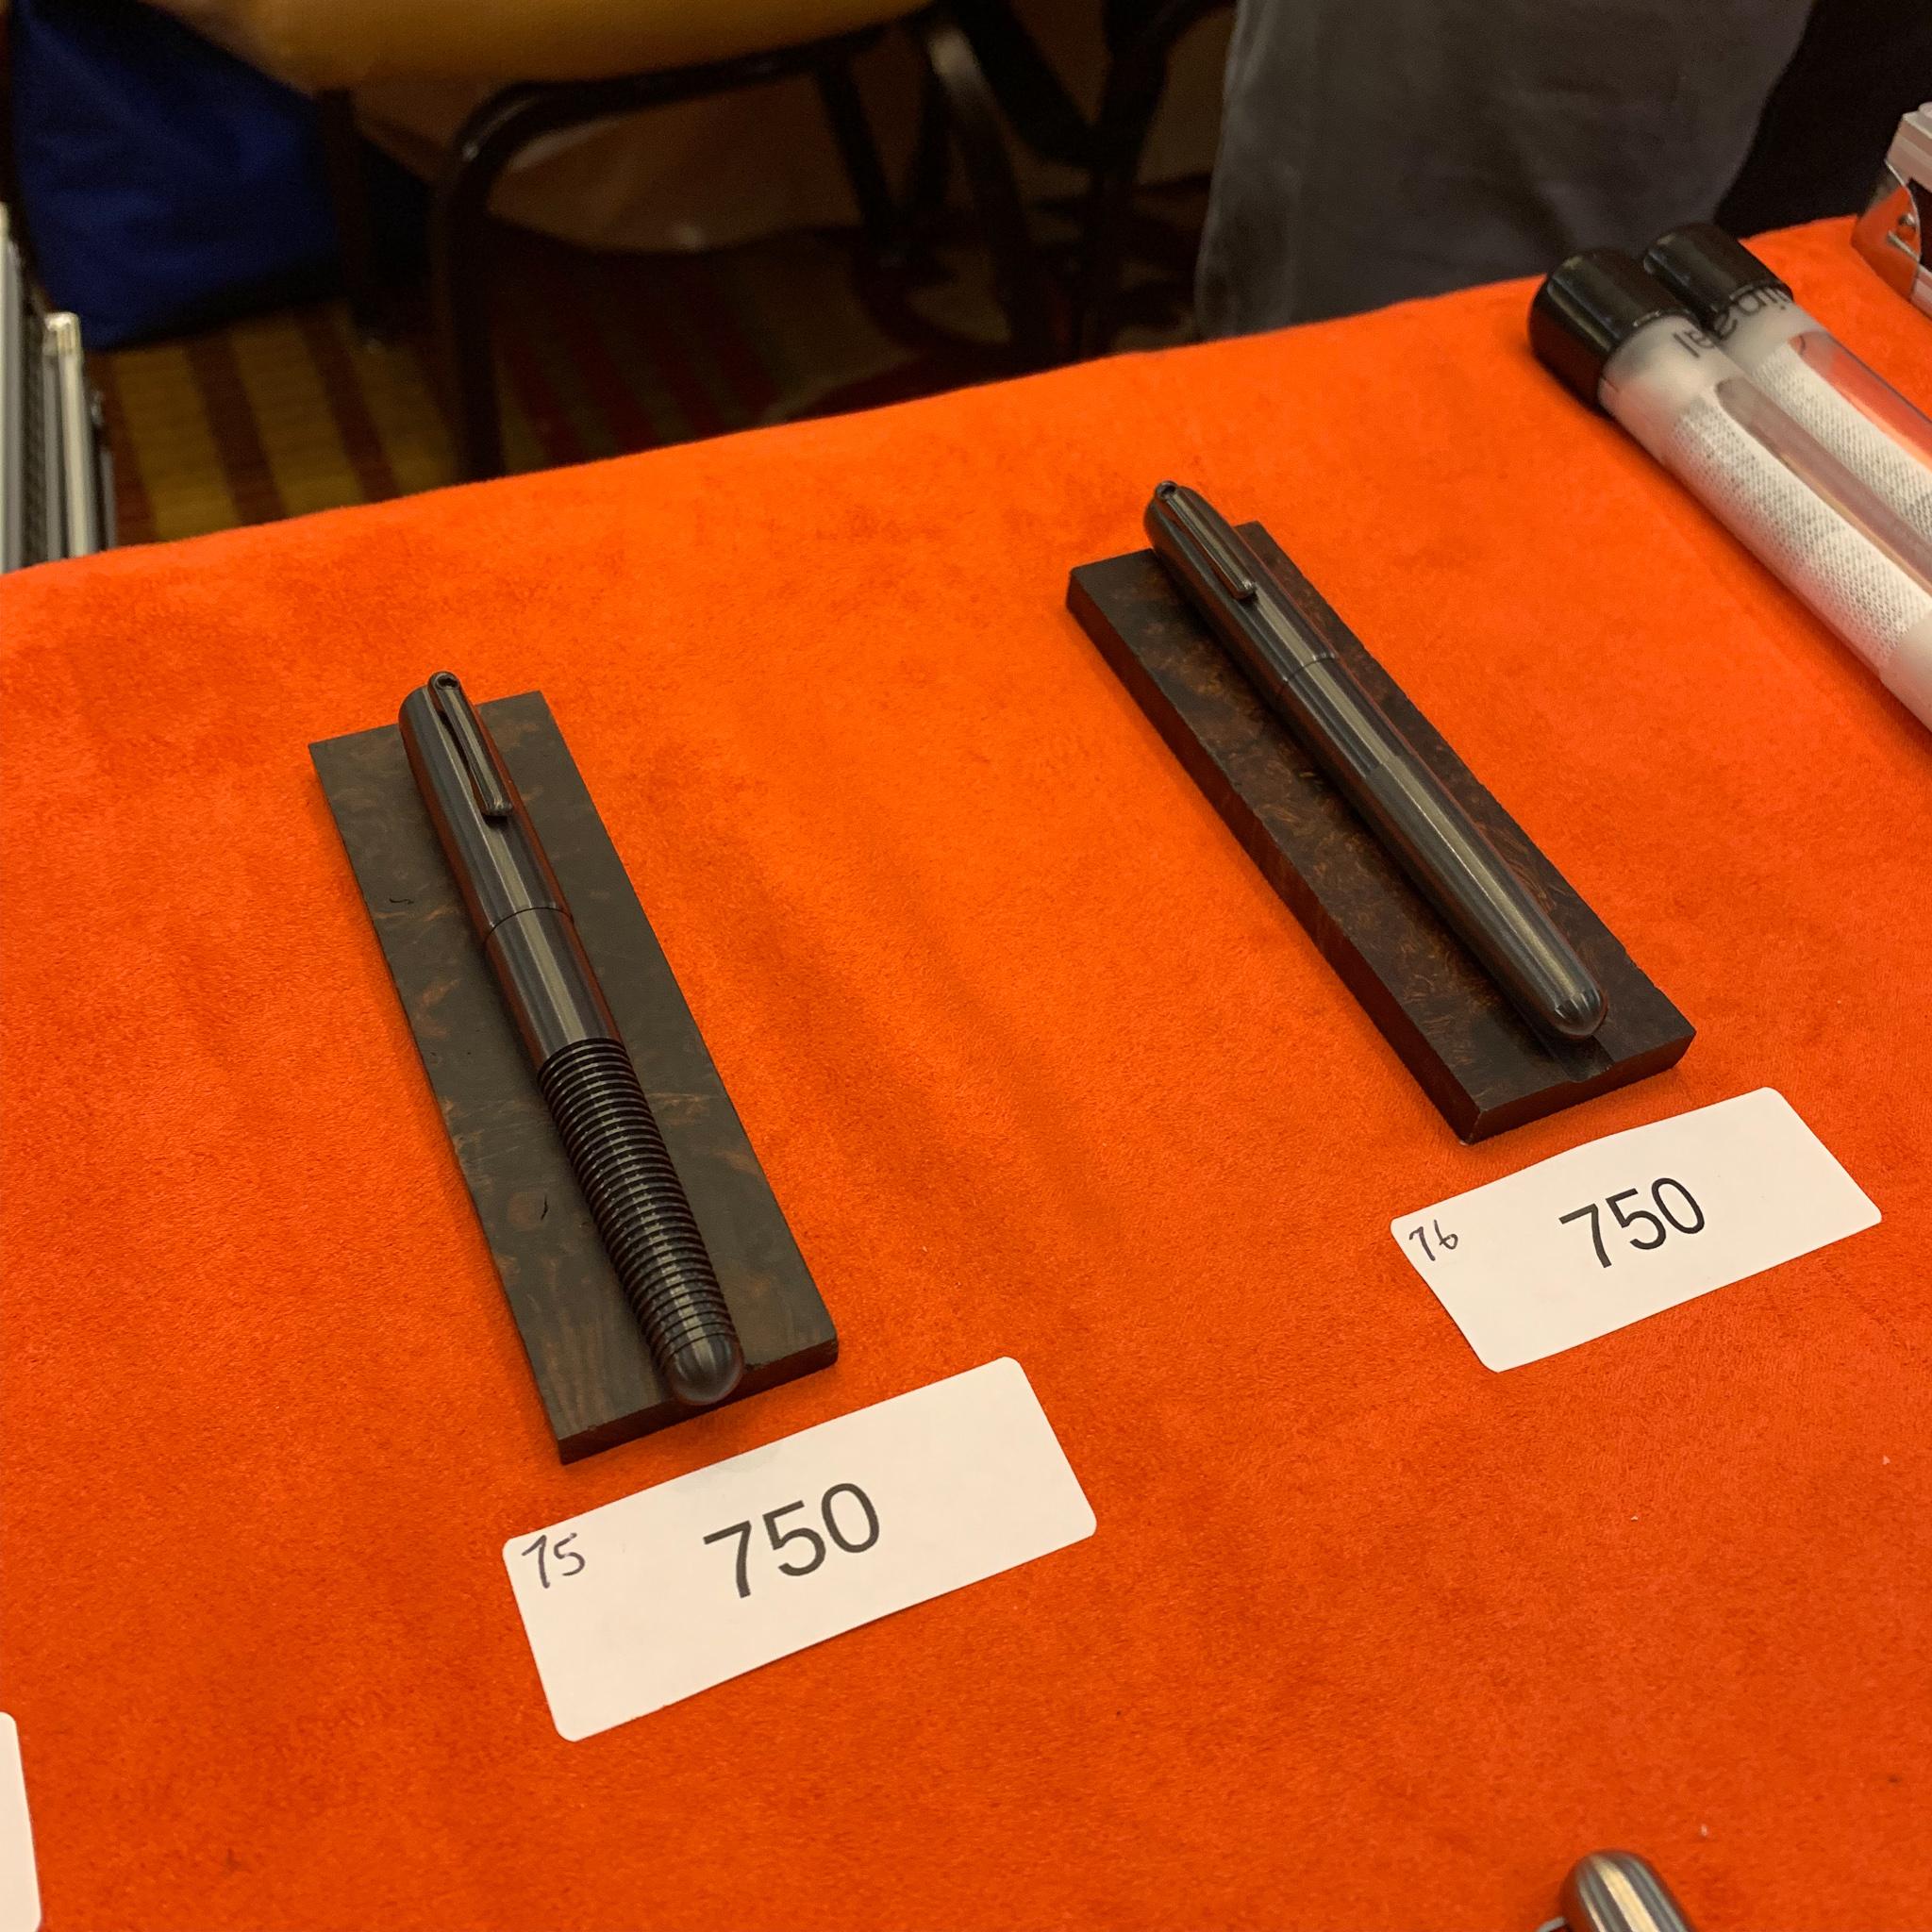 Zirconium pens from Matt Martin!